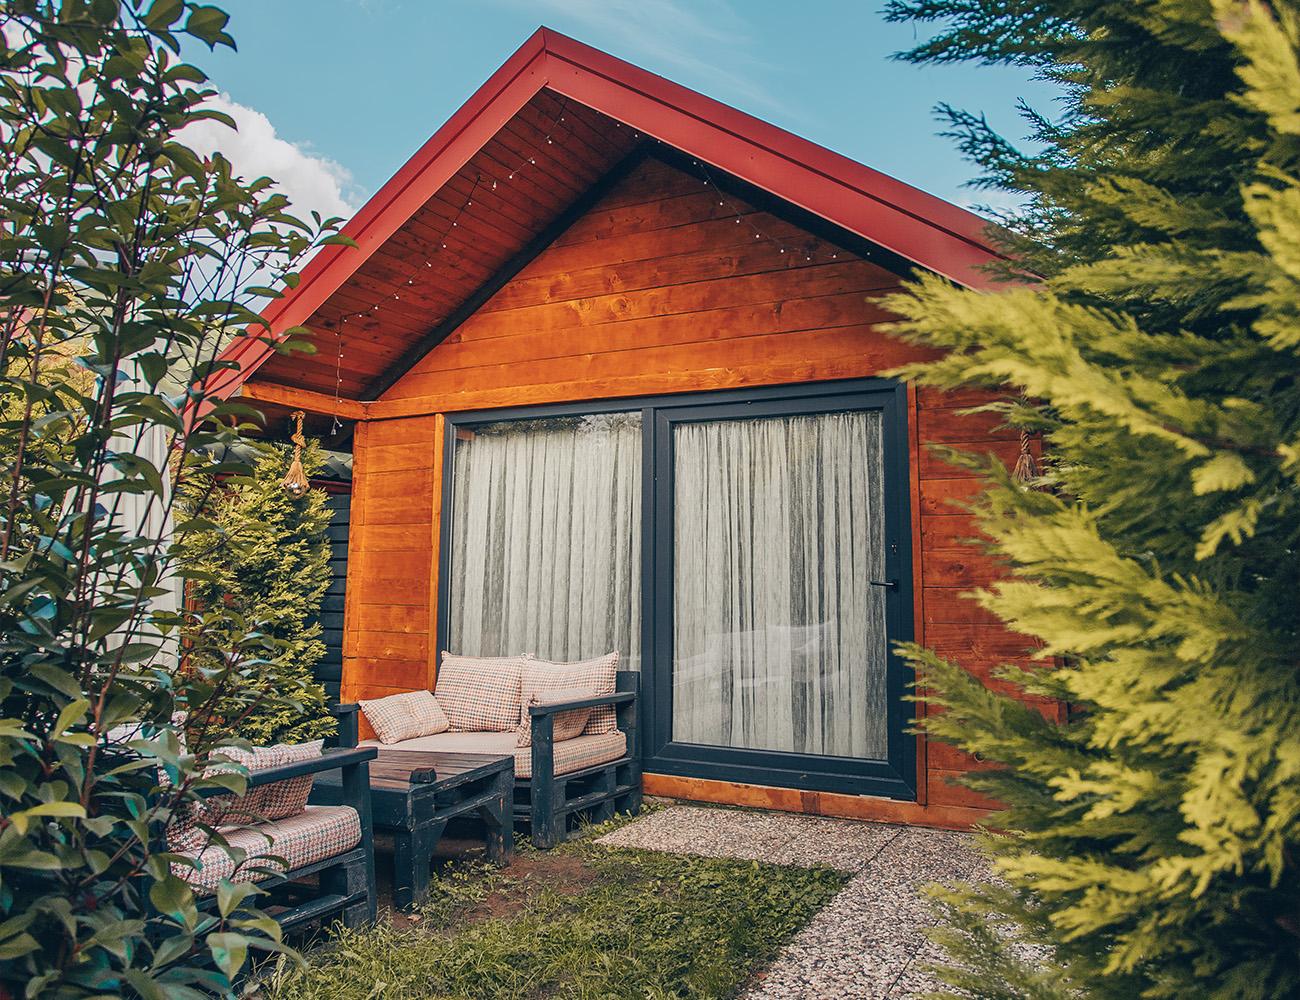 Adesa bungalow butik hotel olarak sizlere sapanca otelleri maşukiye otelleri ve kartepe otelleri içerisinde ayrıcalıklı konaklama hissi oluşturacak ağaç evl